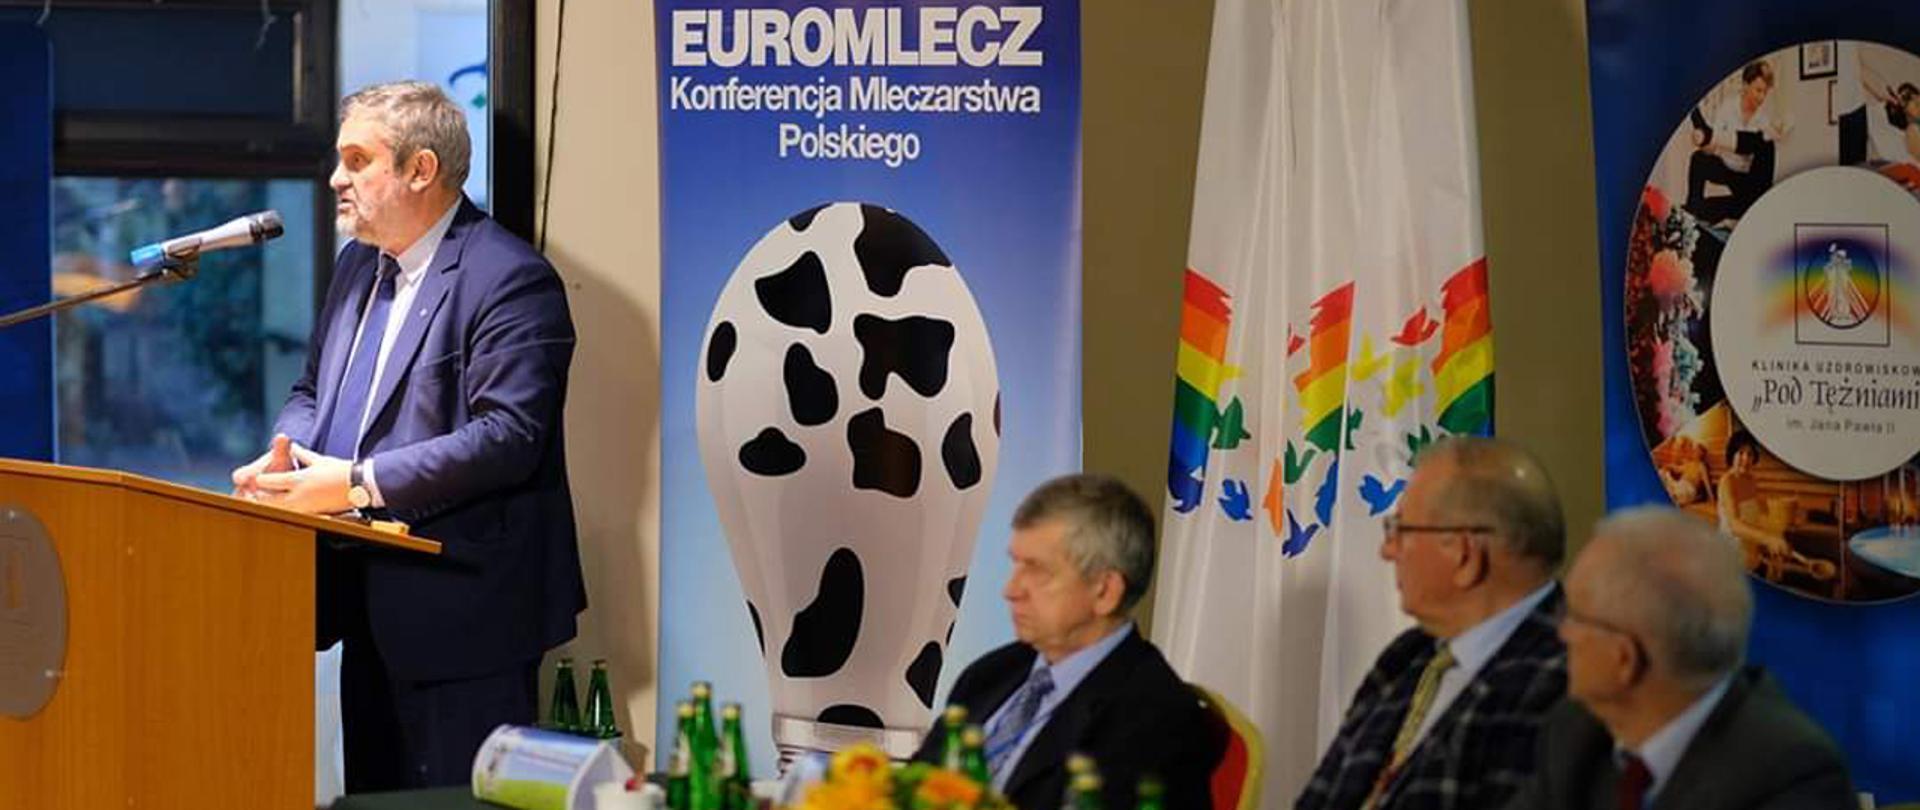 Musimy eksportować - EUROMLECZ 2020